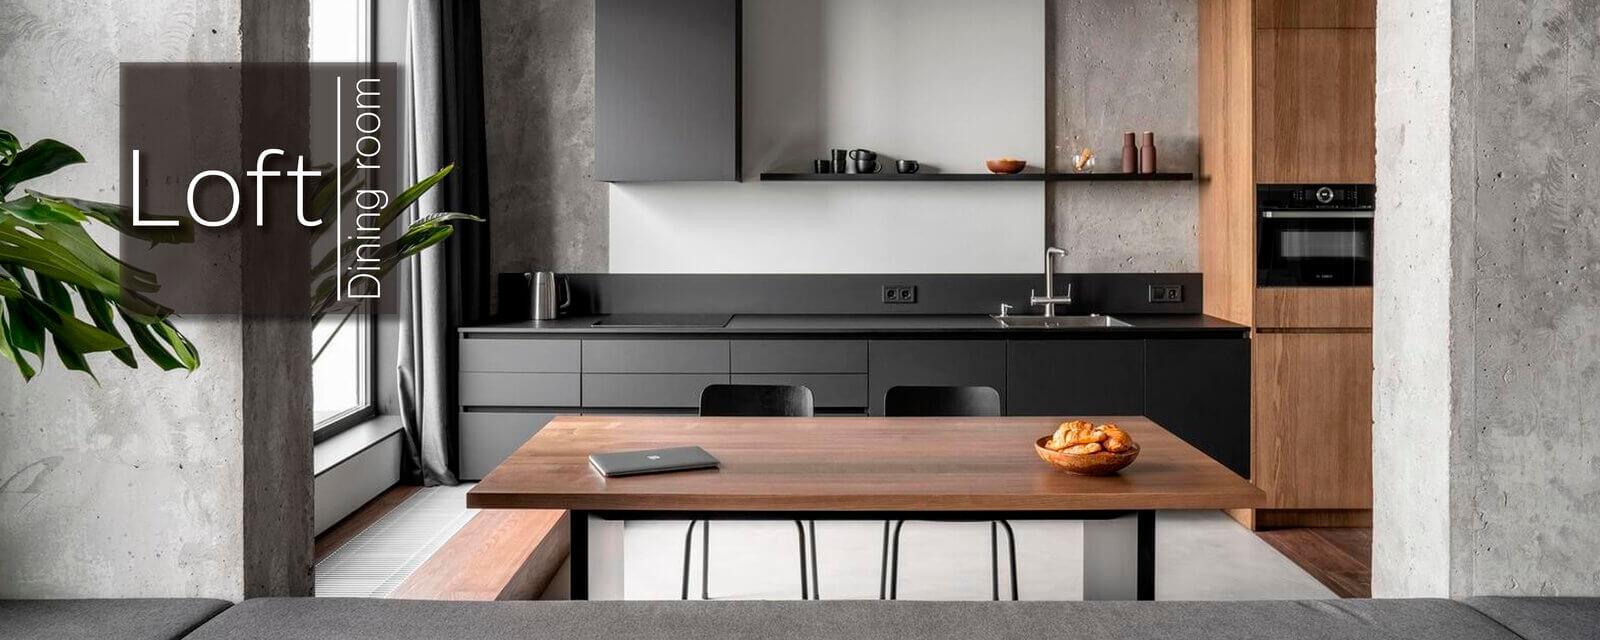 Loft | Dining Room